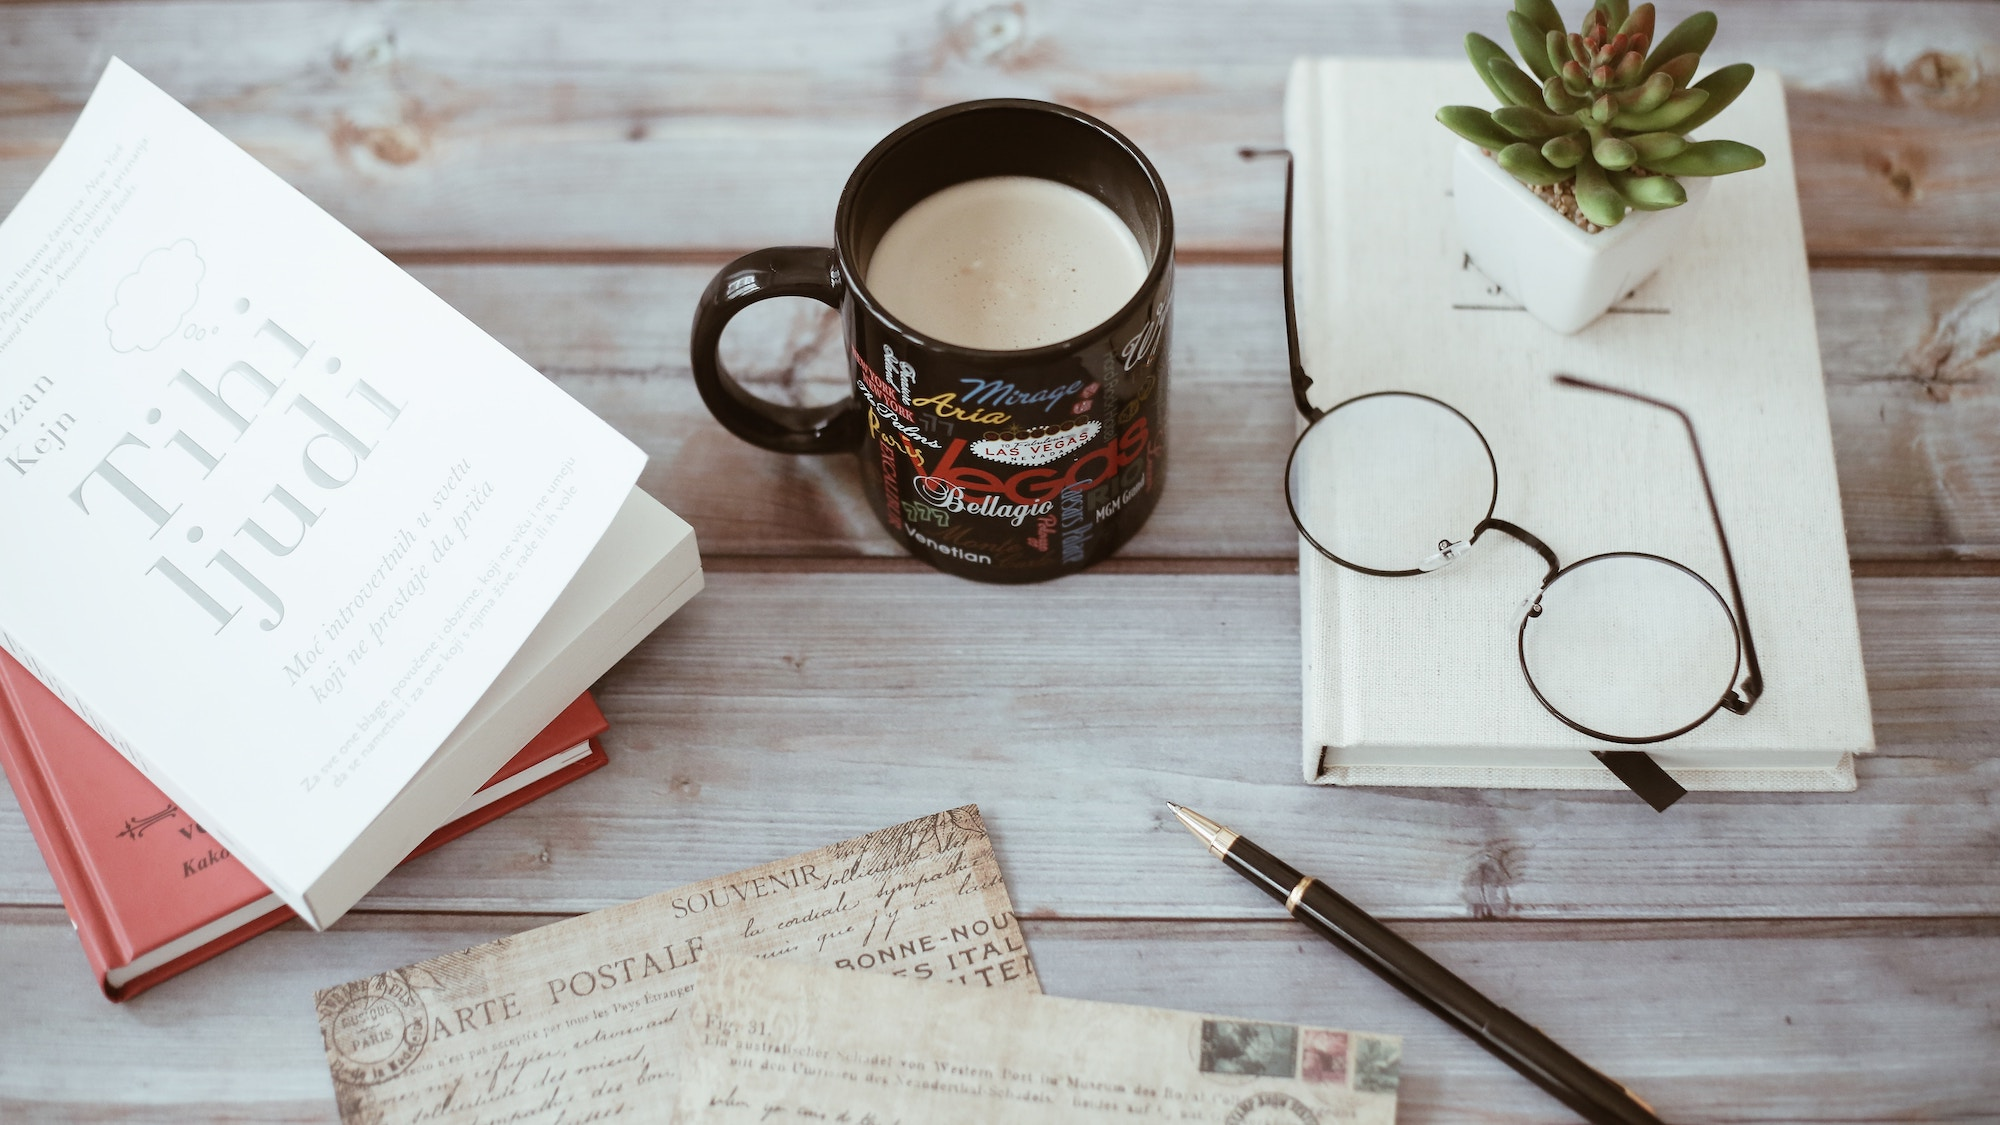 Người viết sách: nên bán bản quyền sách hay tự in sách sẽ có lợi hơn?